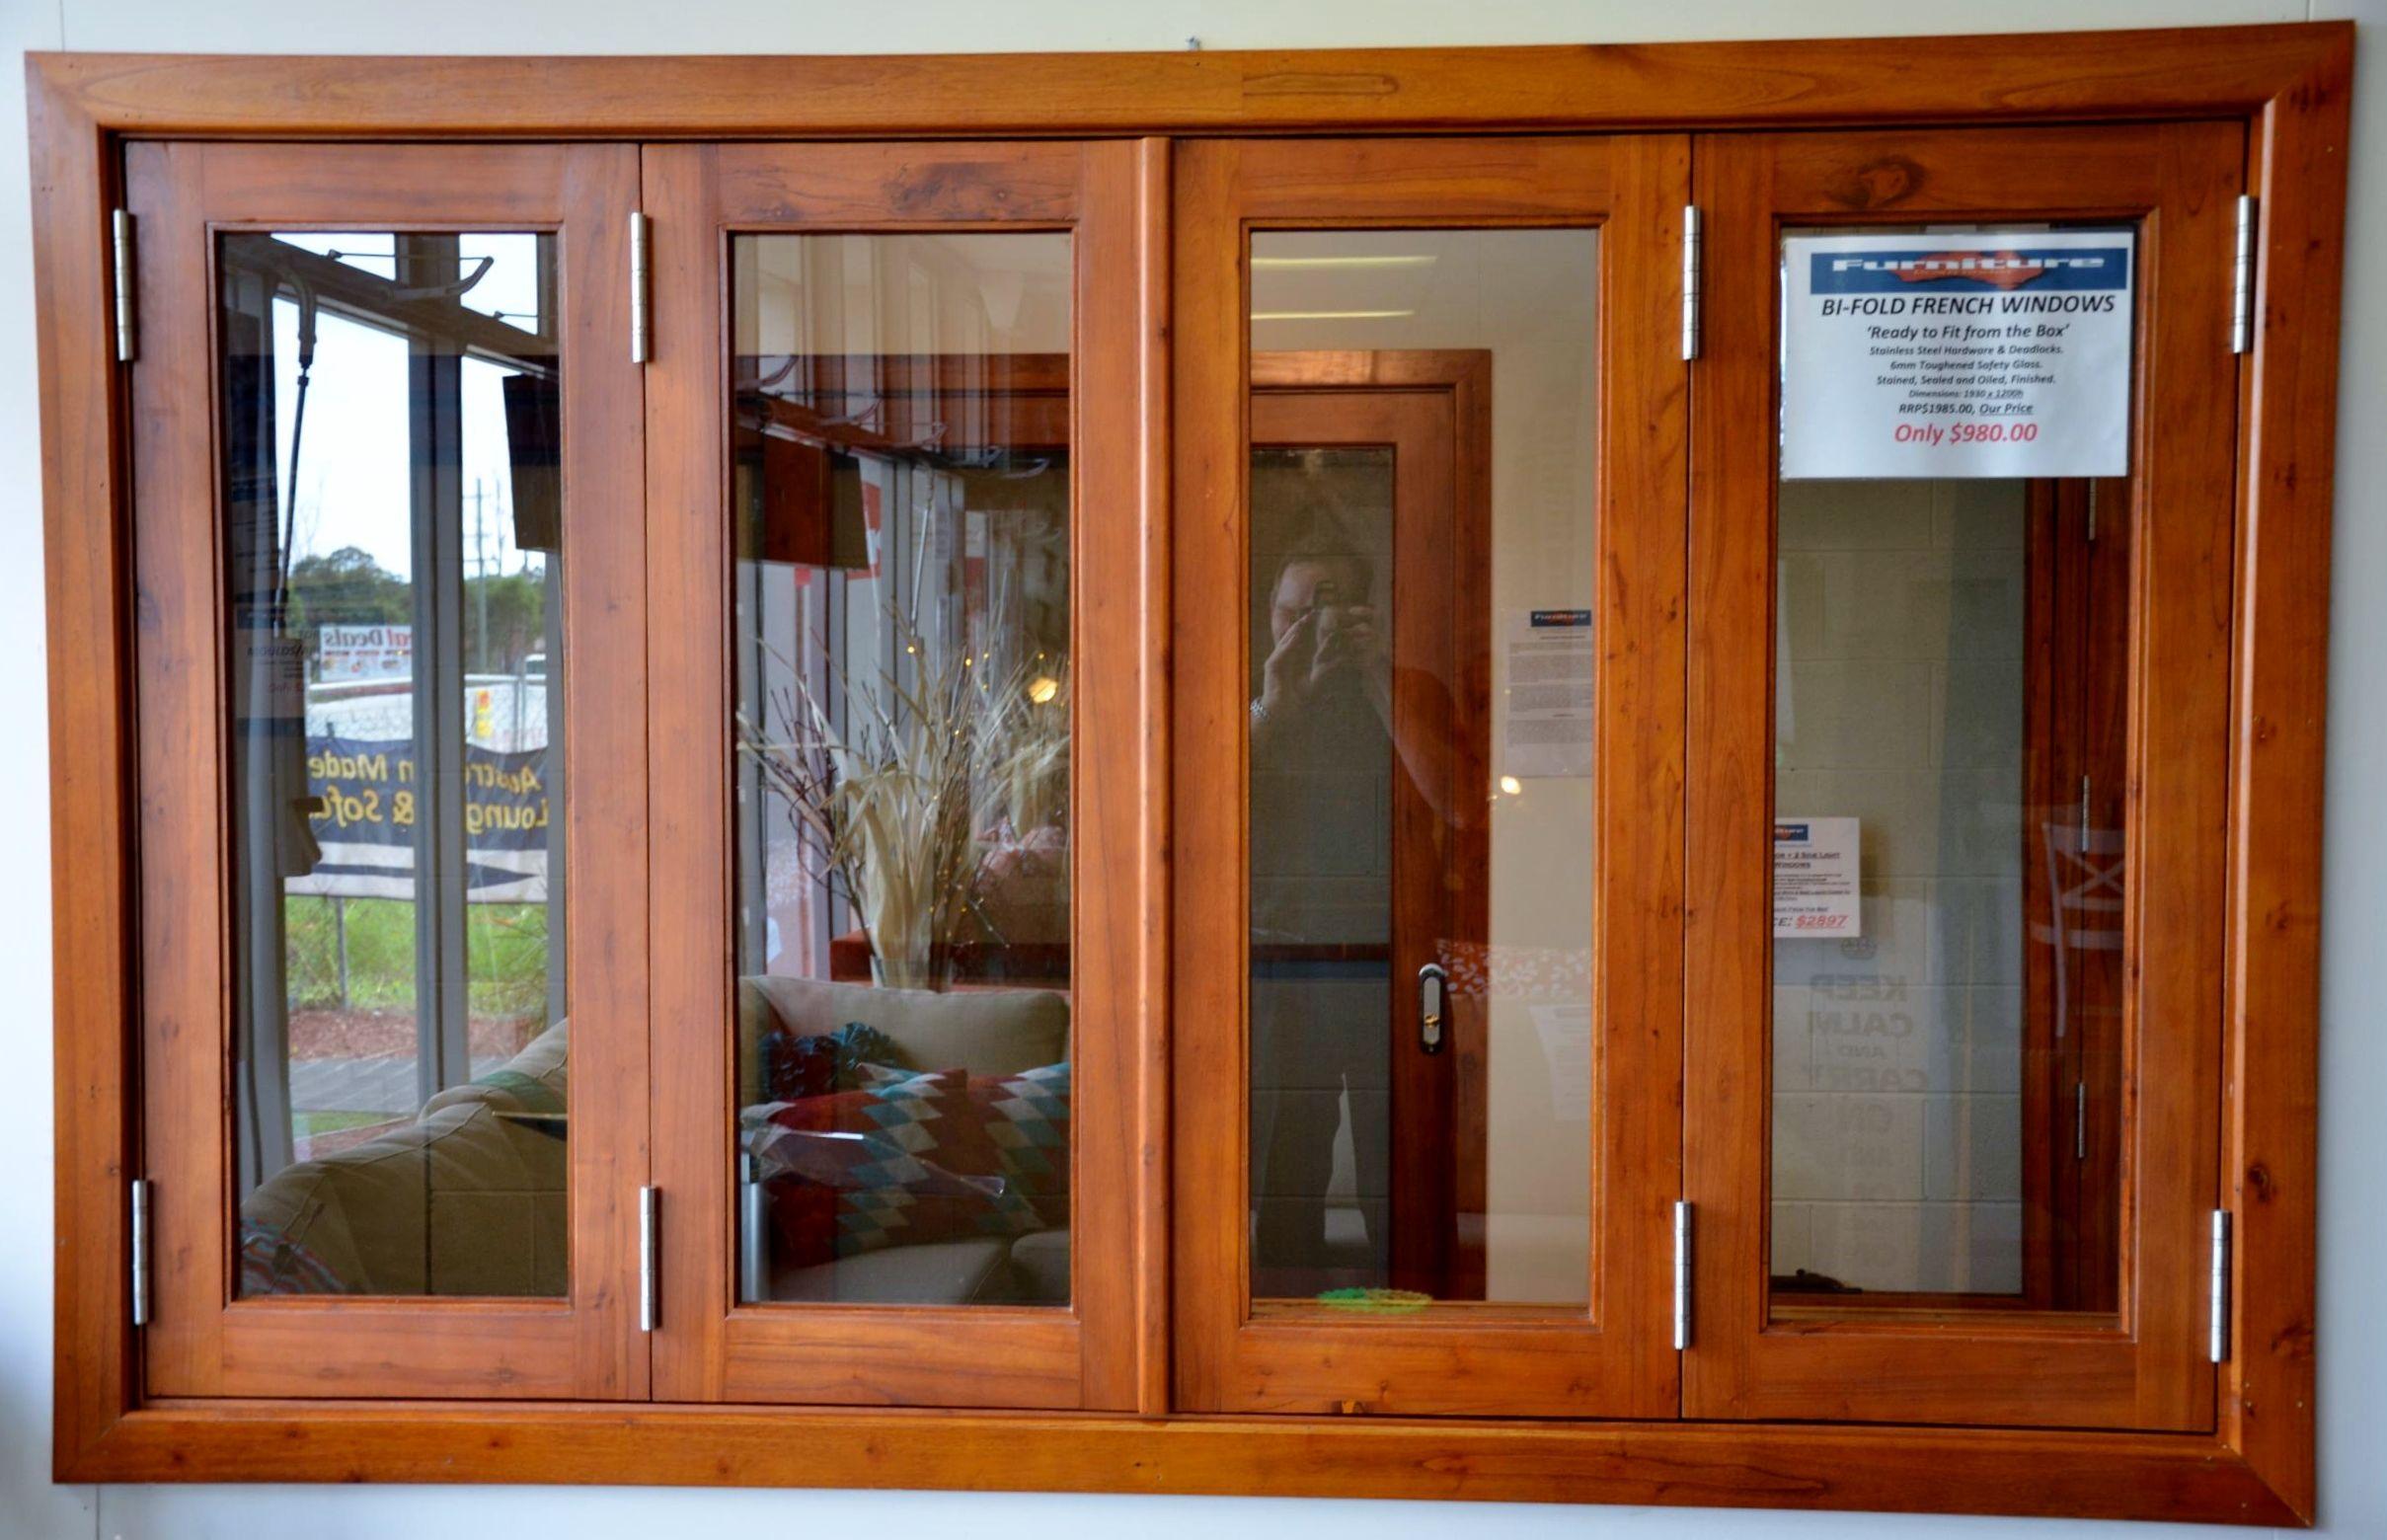 Pin De Susan Wells En Bifold Windows Ventanas De Pvc Ventanas De Madera Ventanas Para Casas